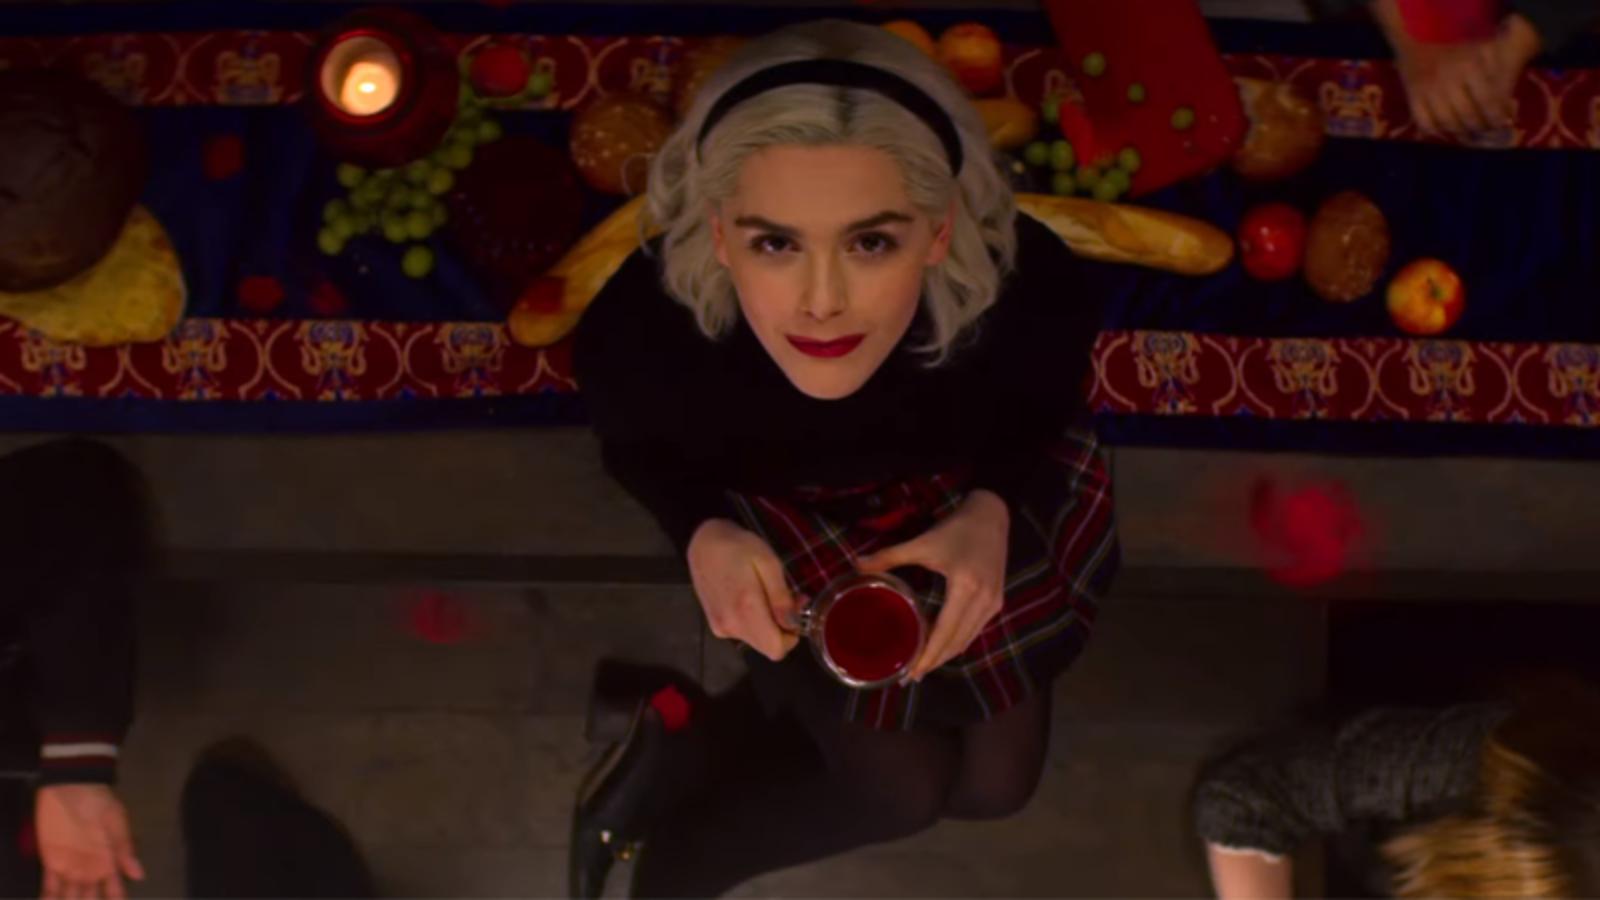 Sabrina la segunda temporada de Chilling Adventures of Sabrina